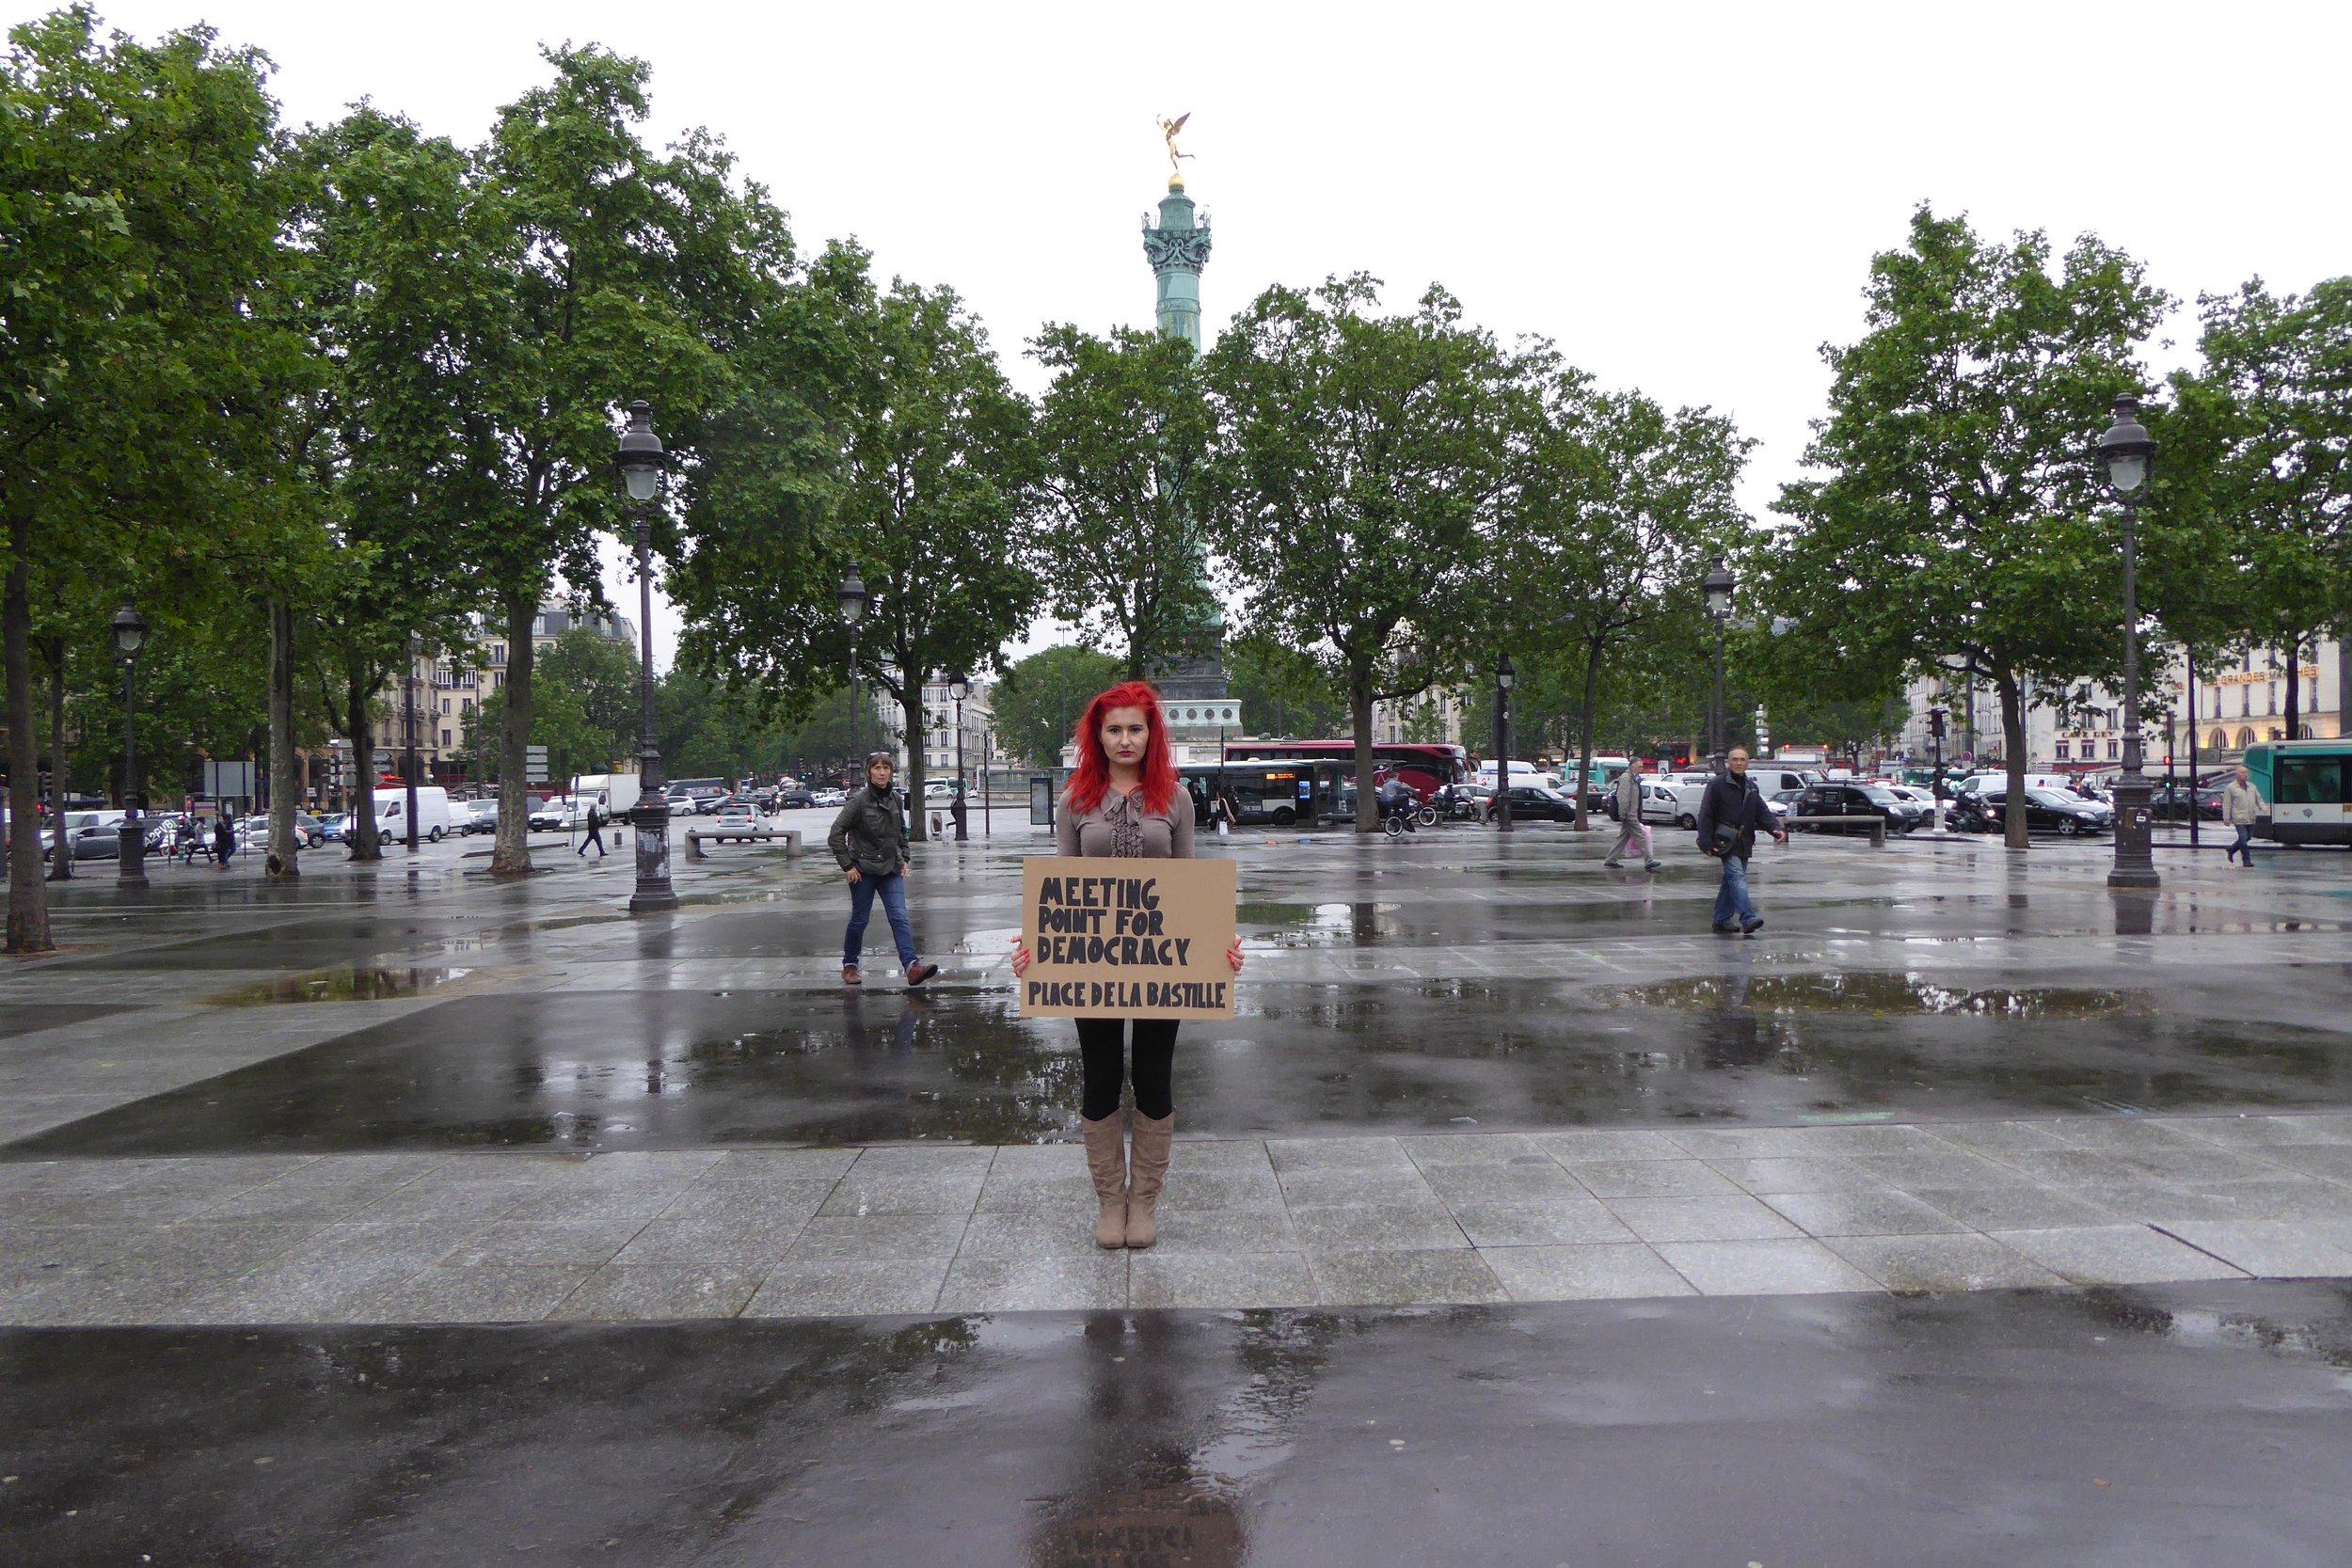 Meeting Point for Democracy / Place de la Bastille PARIS / 2016